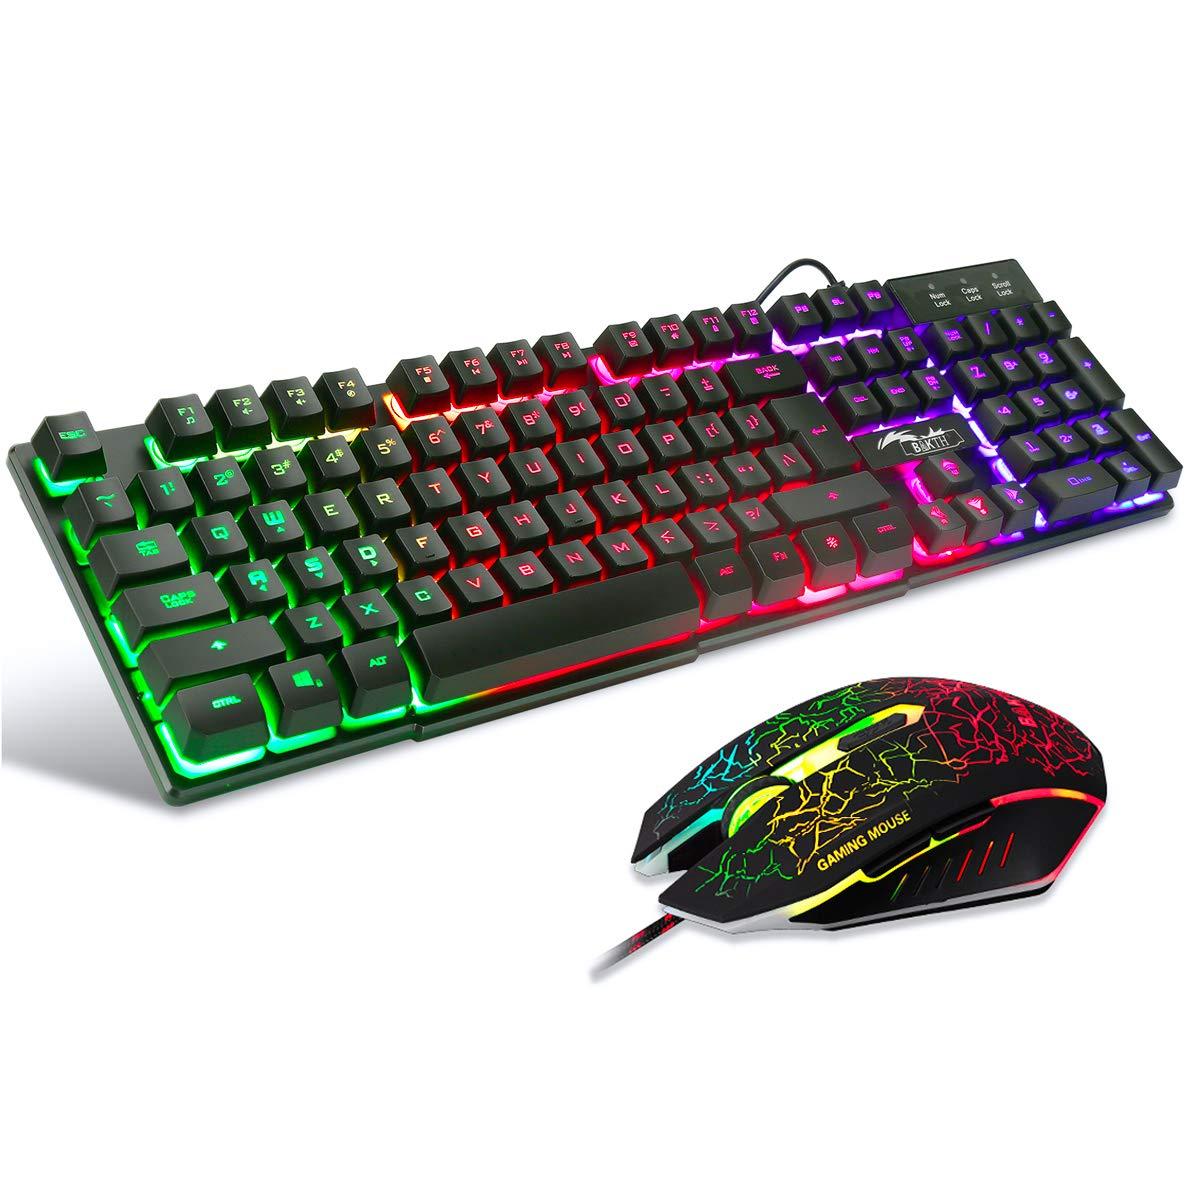 BAKTH Teclado y Ratón para Juegos, Color del Arco Iris USB LED Retroiluminada del Gaming Teclado y Ratón para Juego o Trabajo, Alto Desempeño, Mecánico Similar Teclado: Amazon.es: Informática